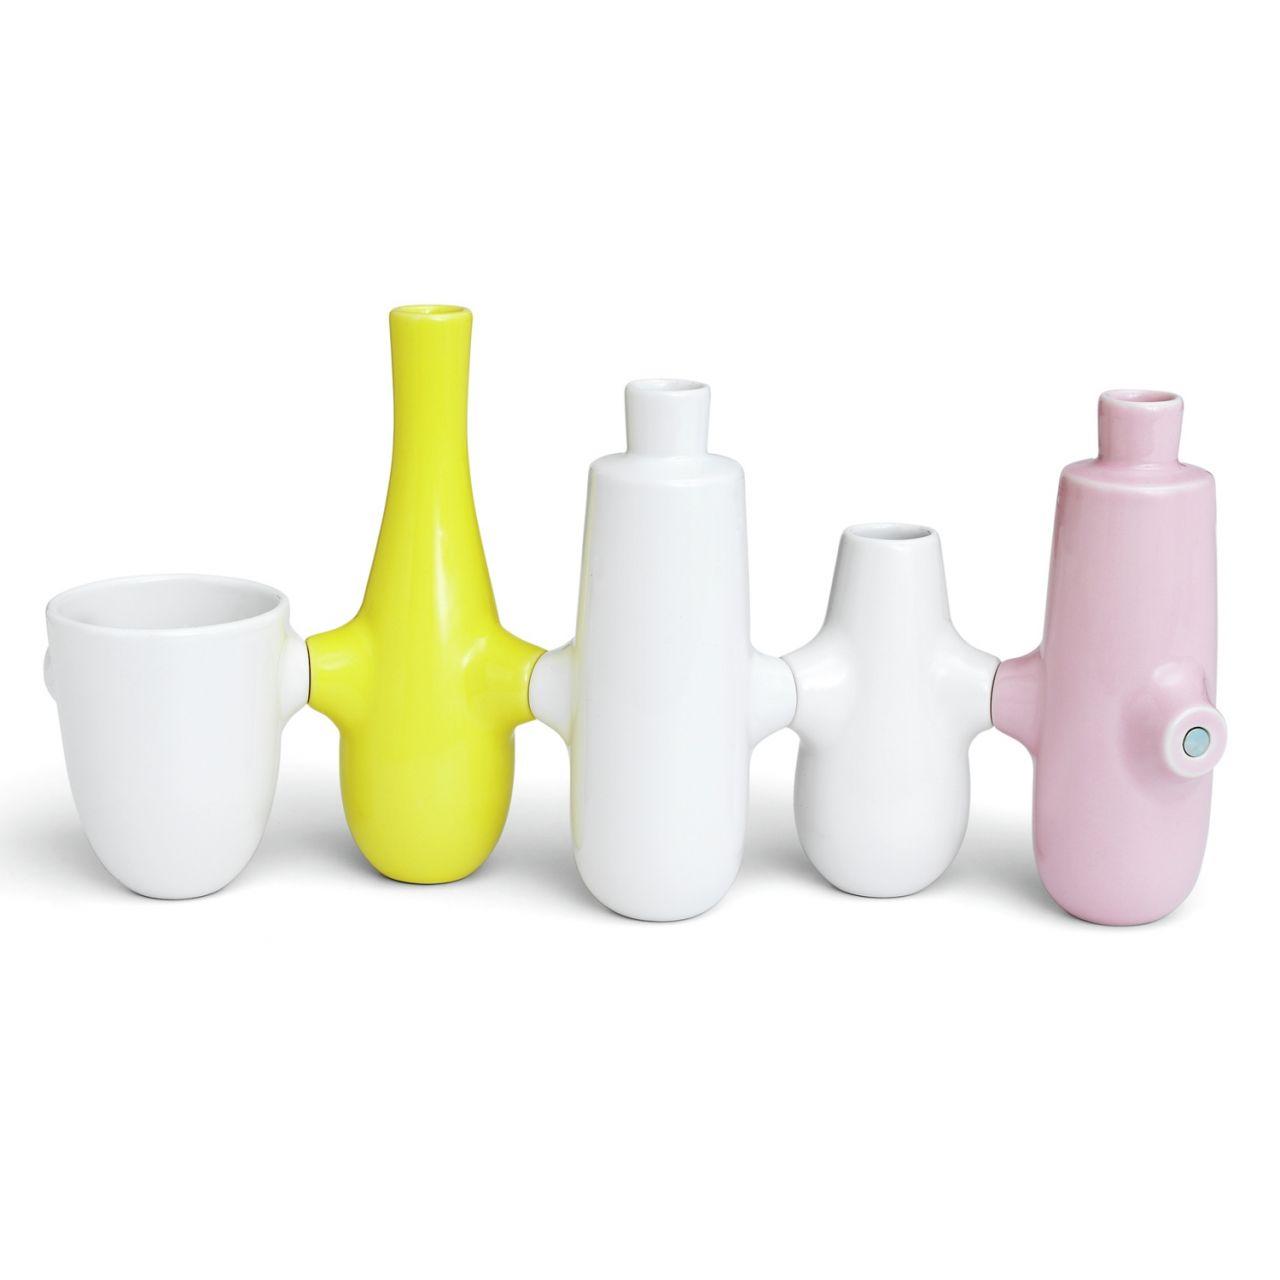 KÄHLER DESIGN Kähler - Fiducia Vase und Kerzenhalter 11697